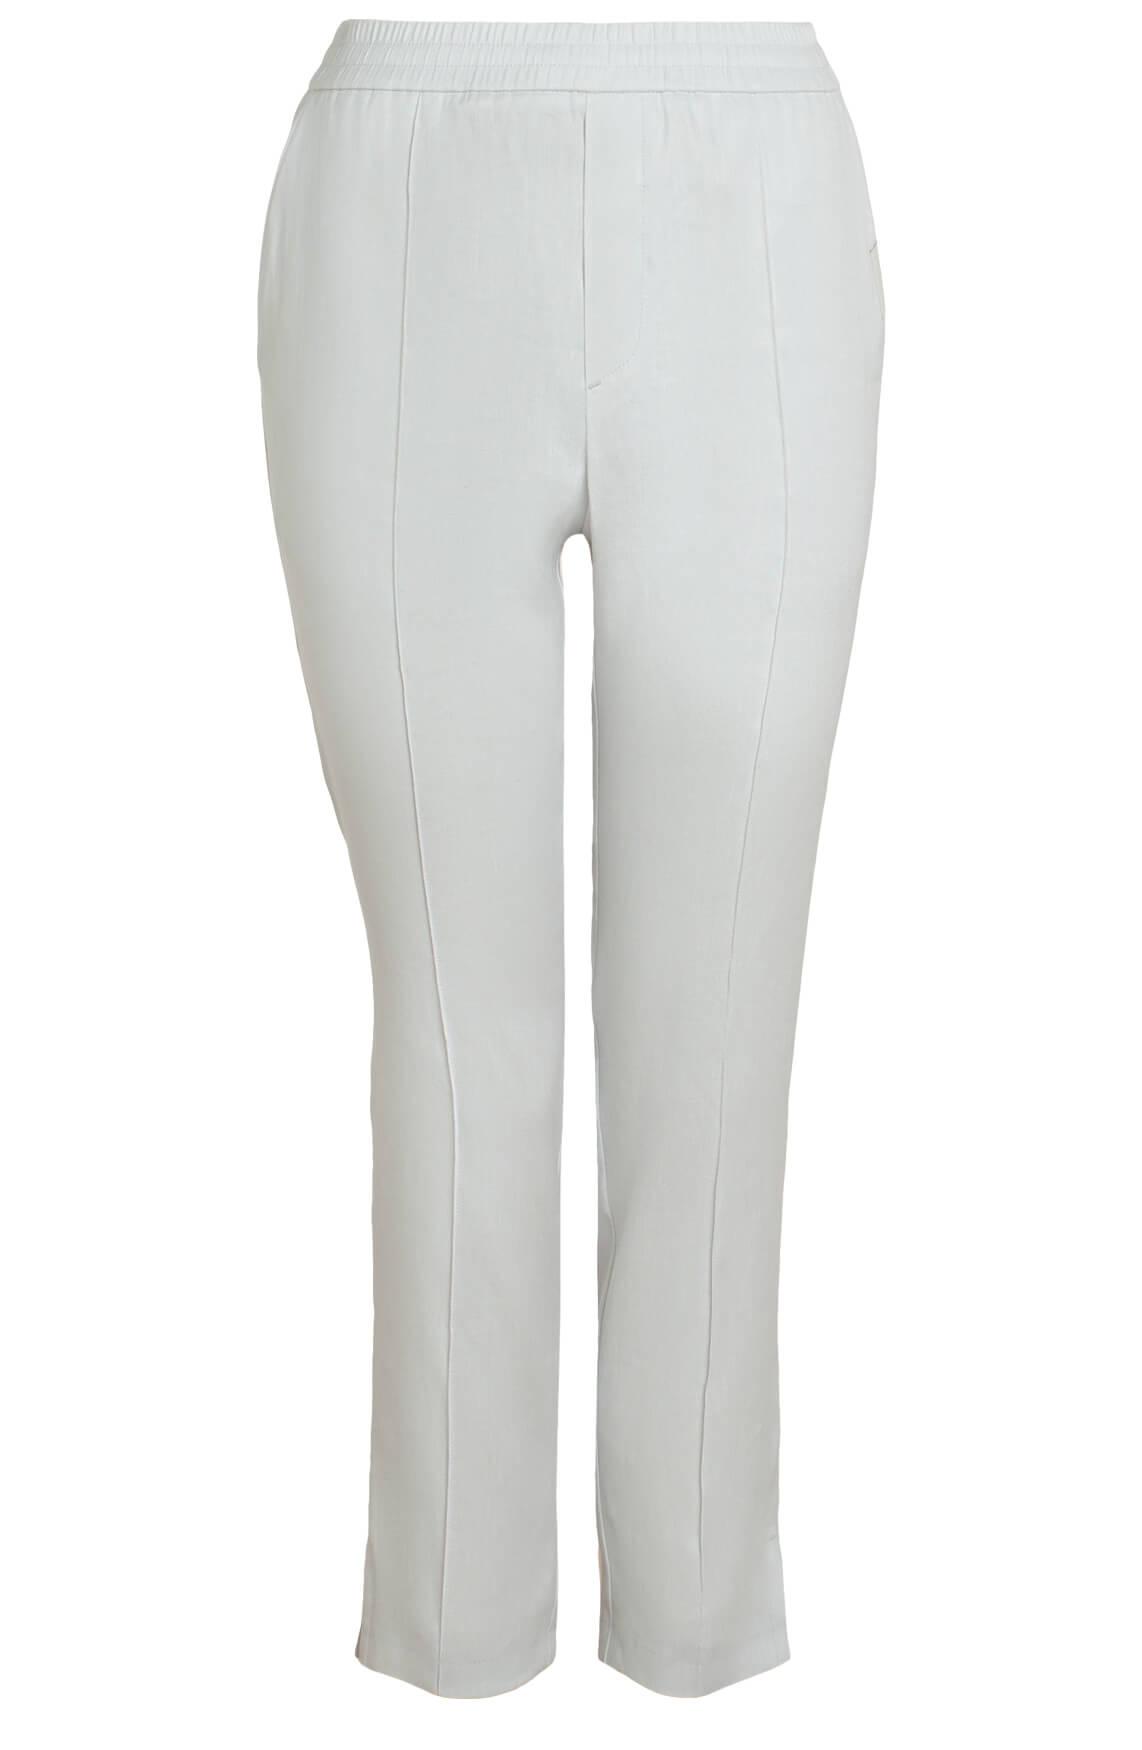 Penn & Ink Dames Pantalon met koordsluiting wit